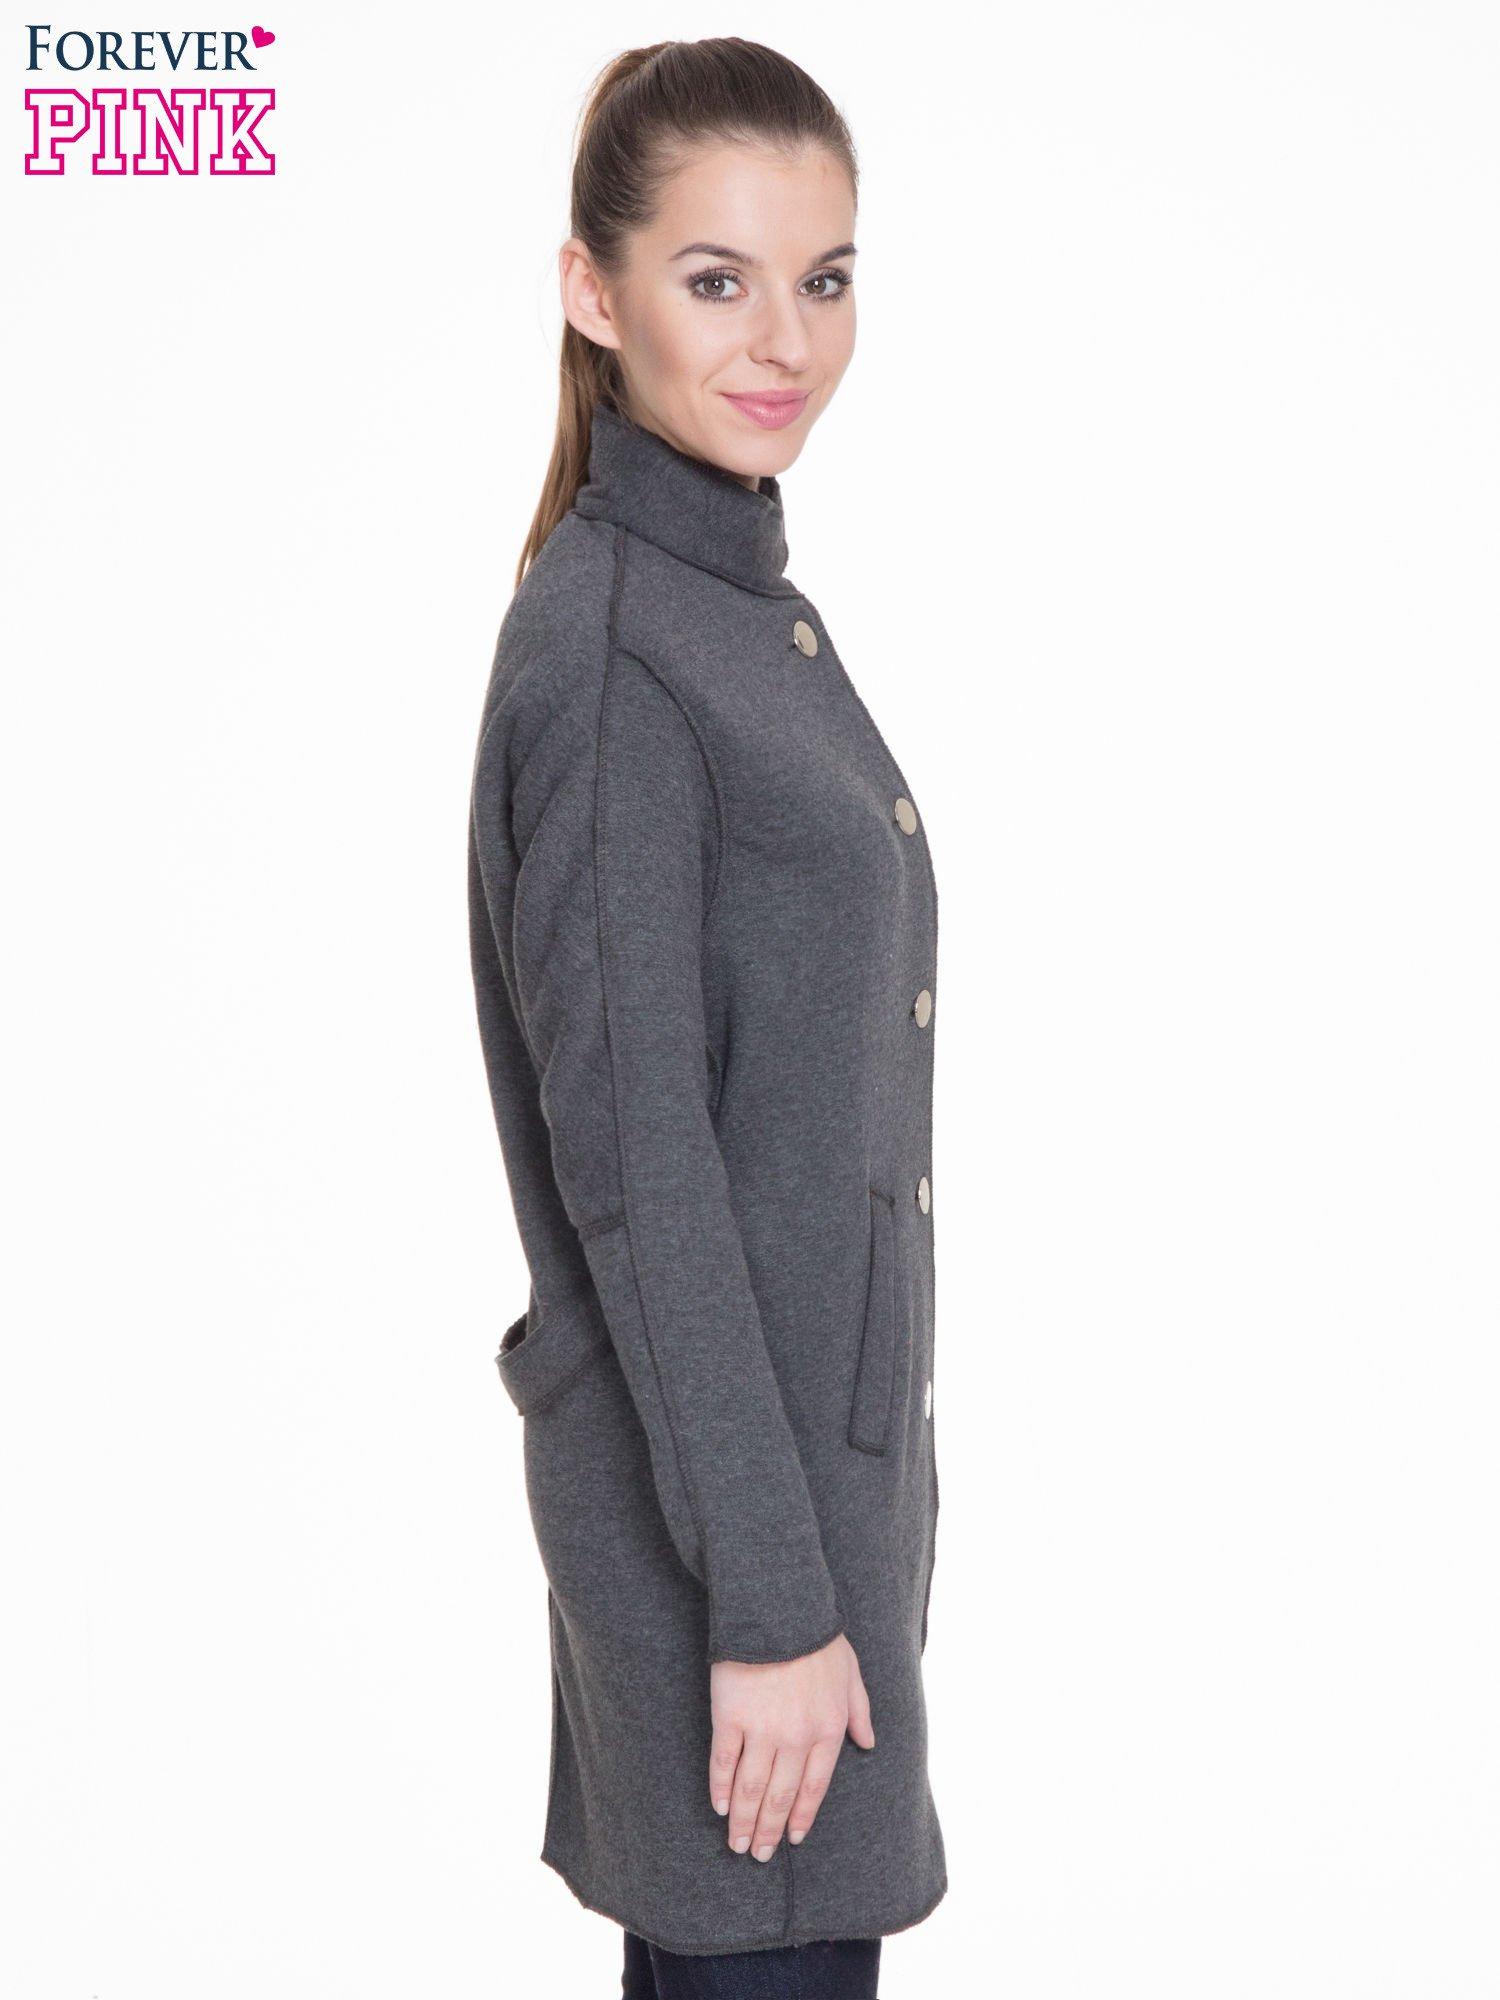 Ciemnoszary dresowy płaszcz o kroju oversize                                  zdj.                                  3